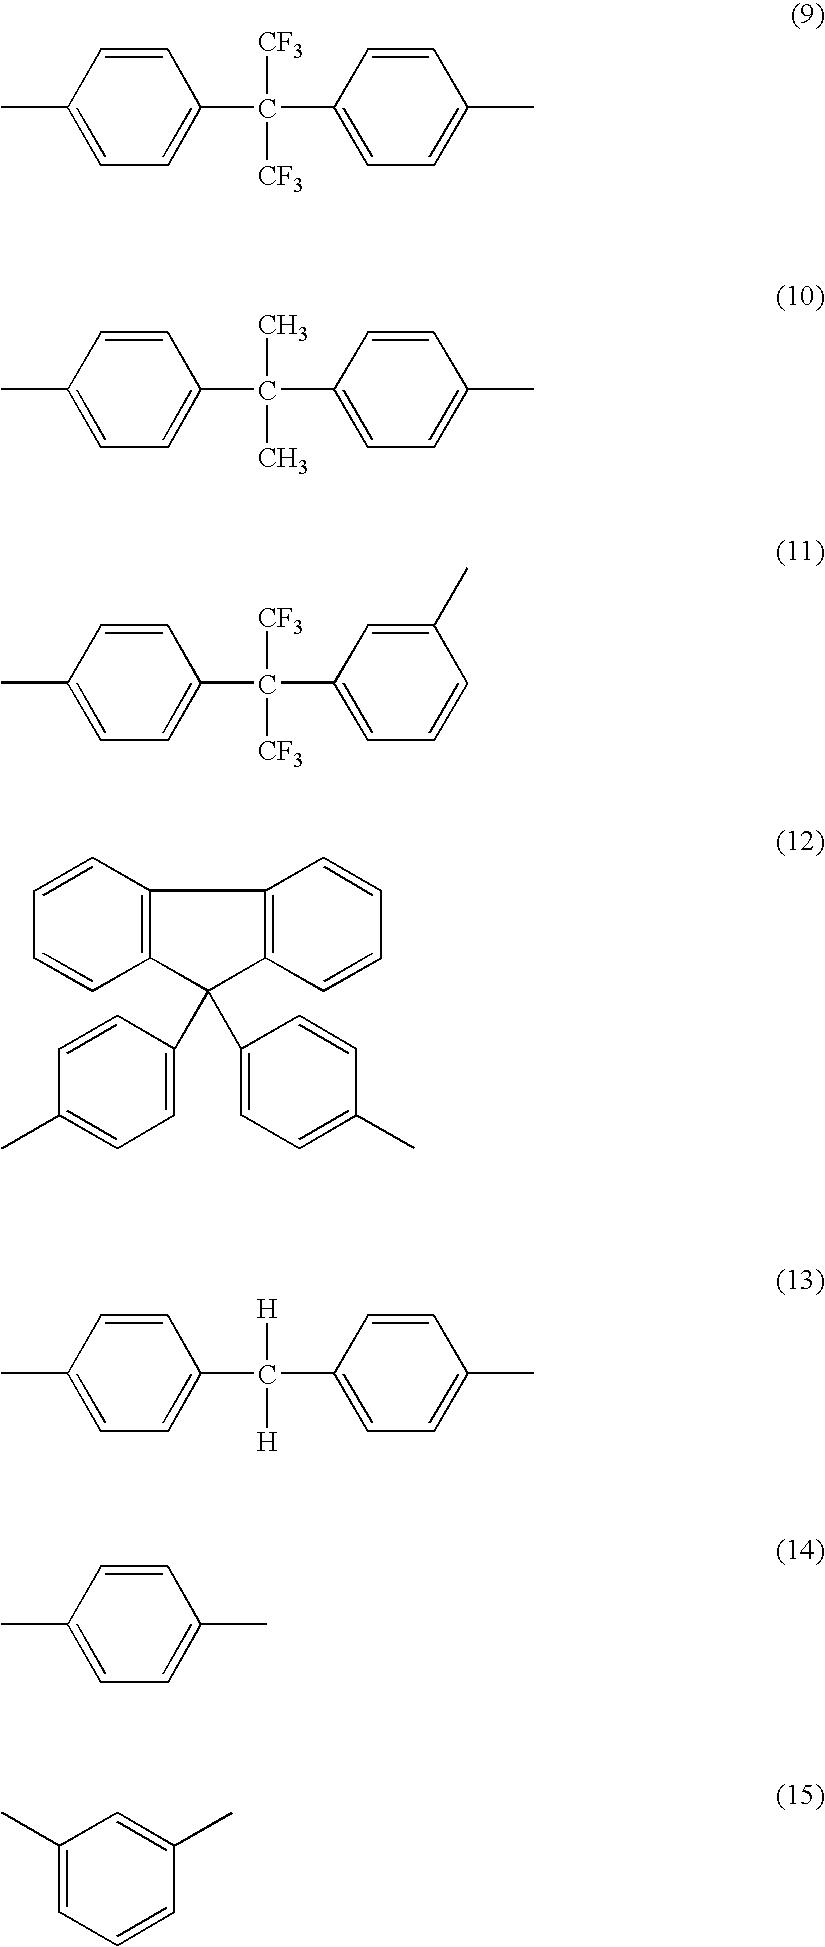 Figure US07223452-20070529-C00007